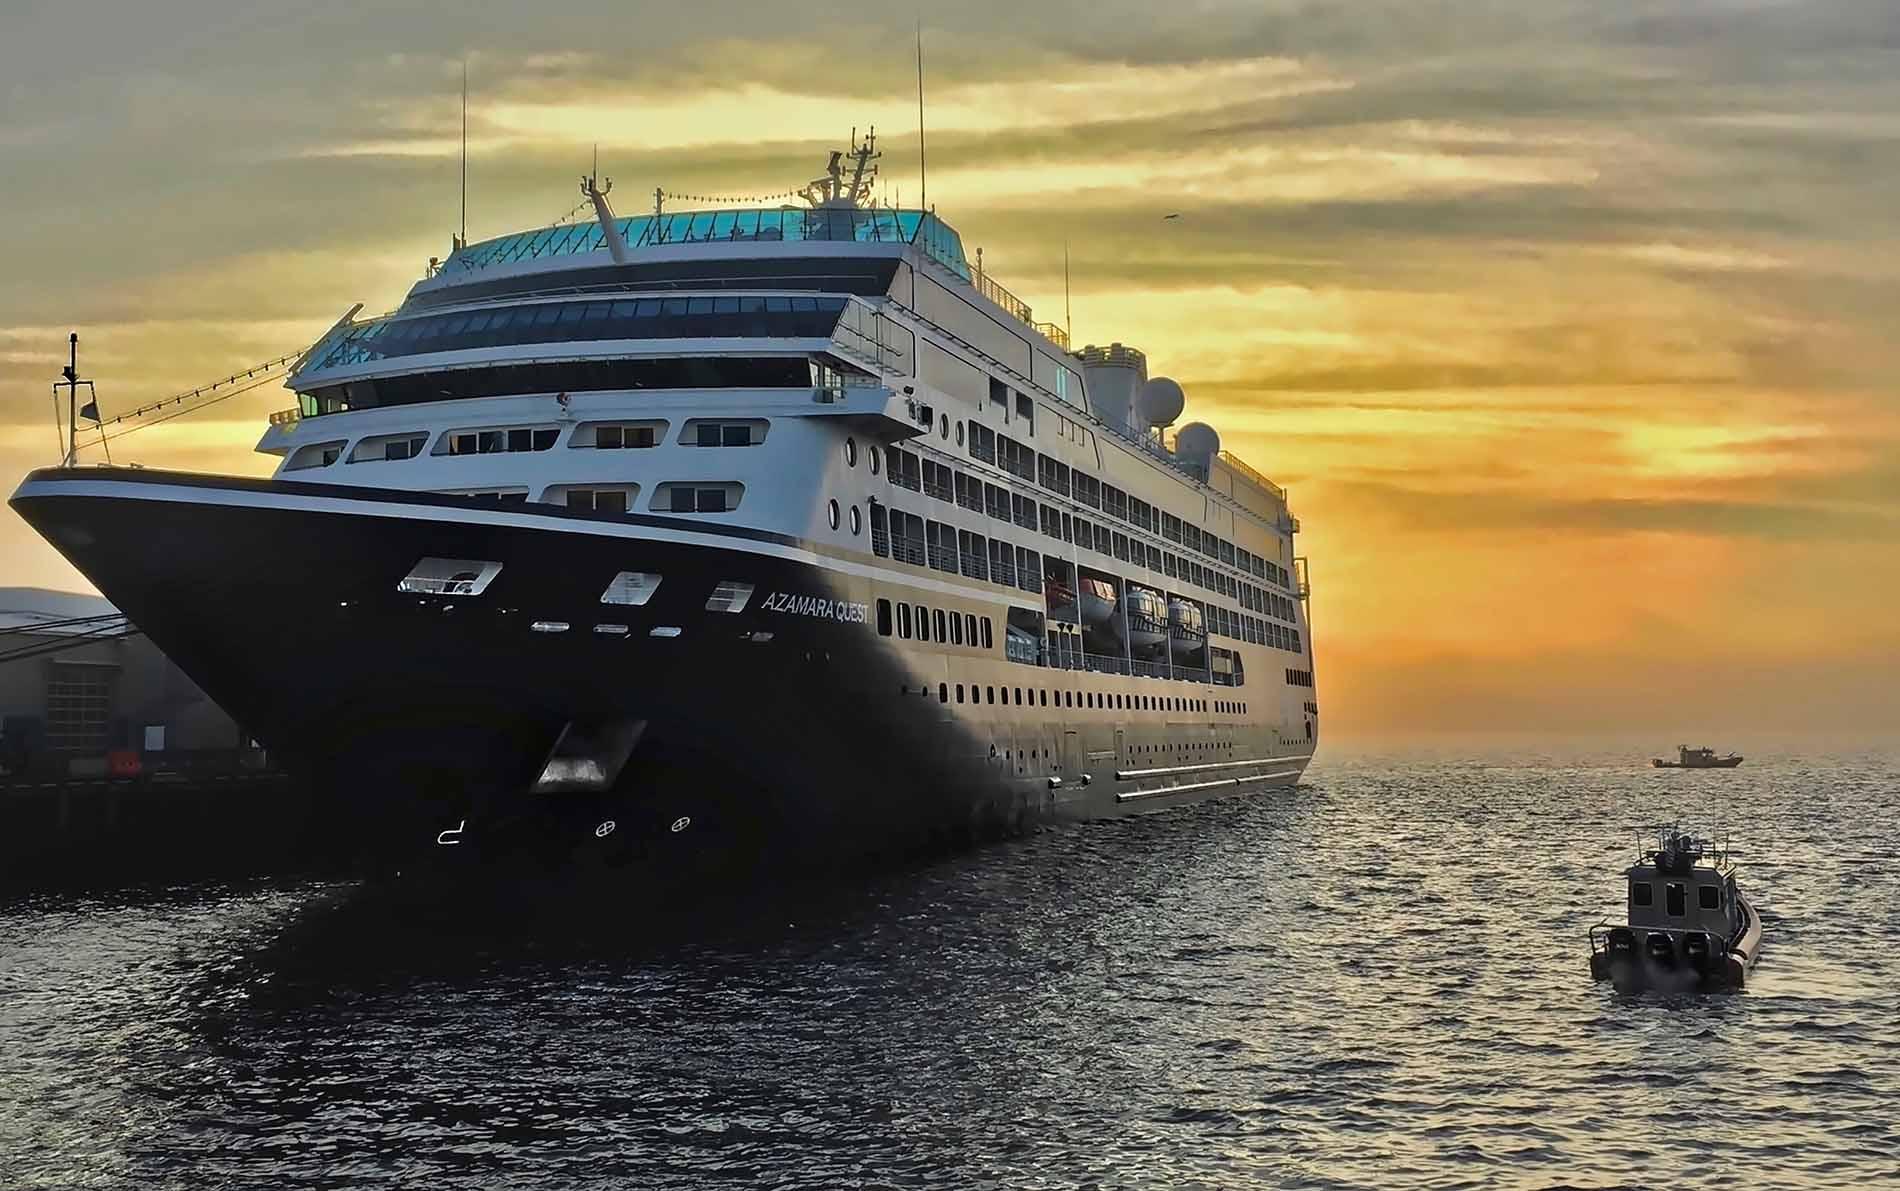 Cruise ship and tug boats at sunset